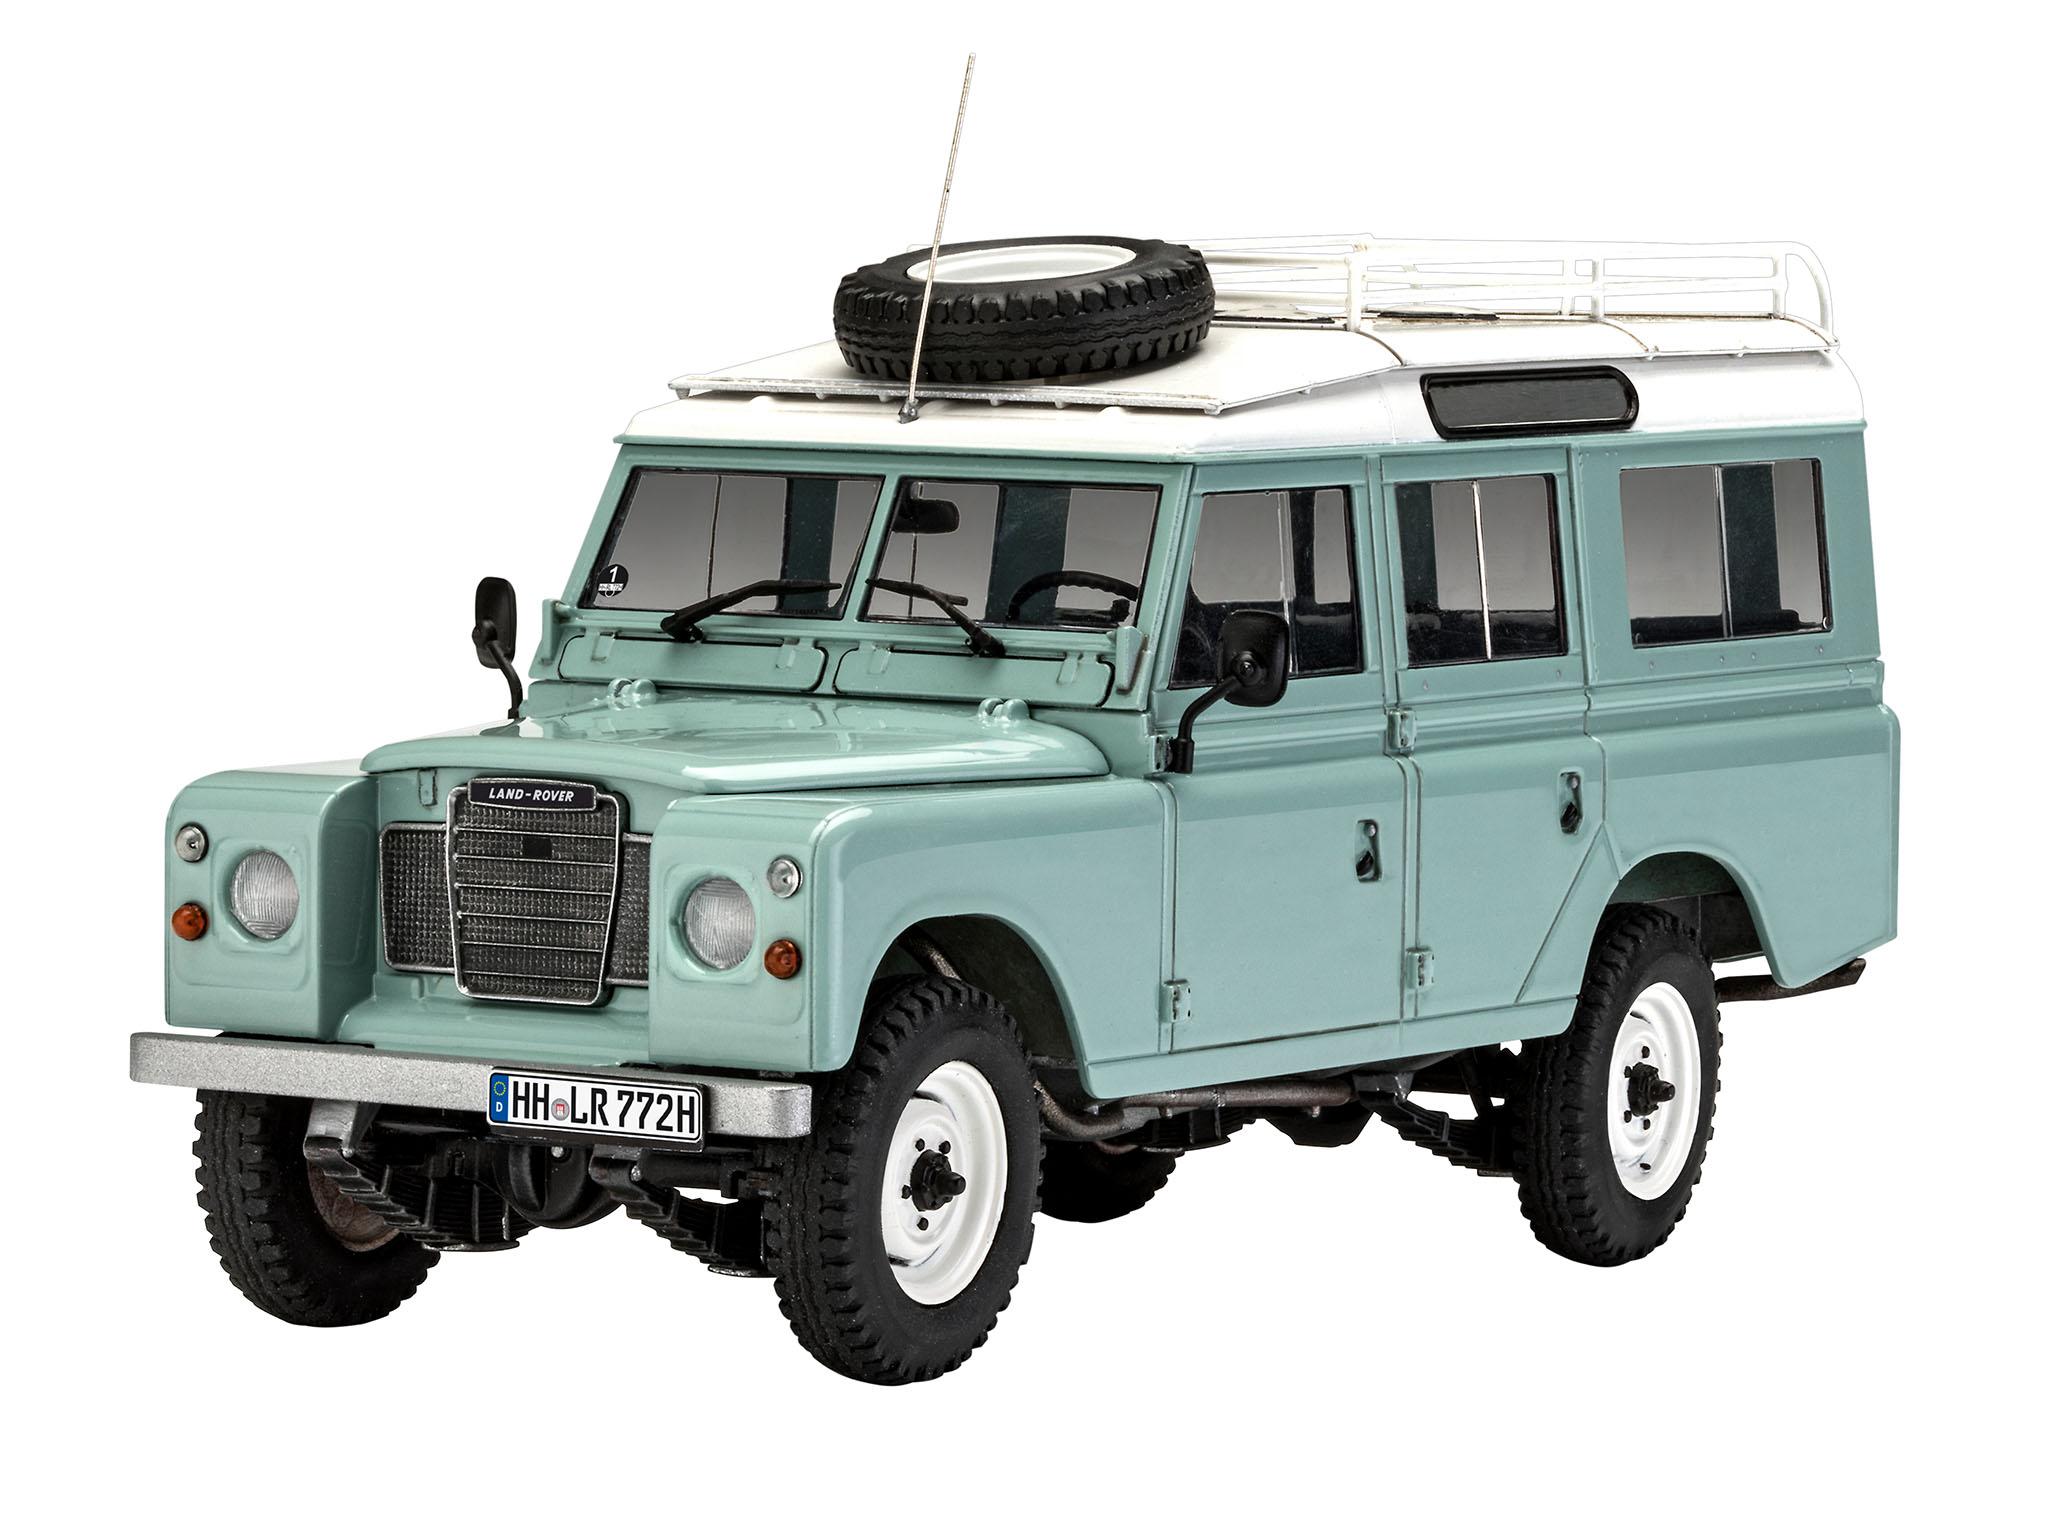 Choix de 3 Revell modèle de voiture Kit